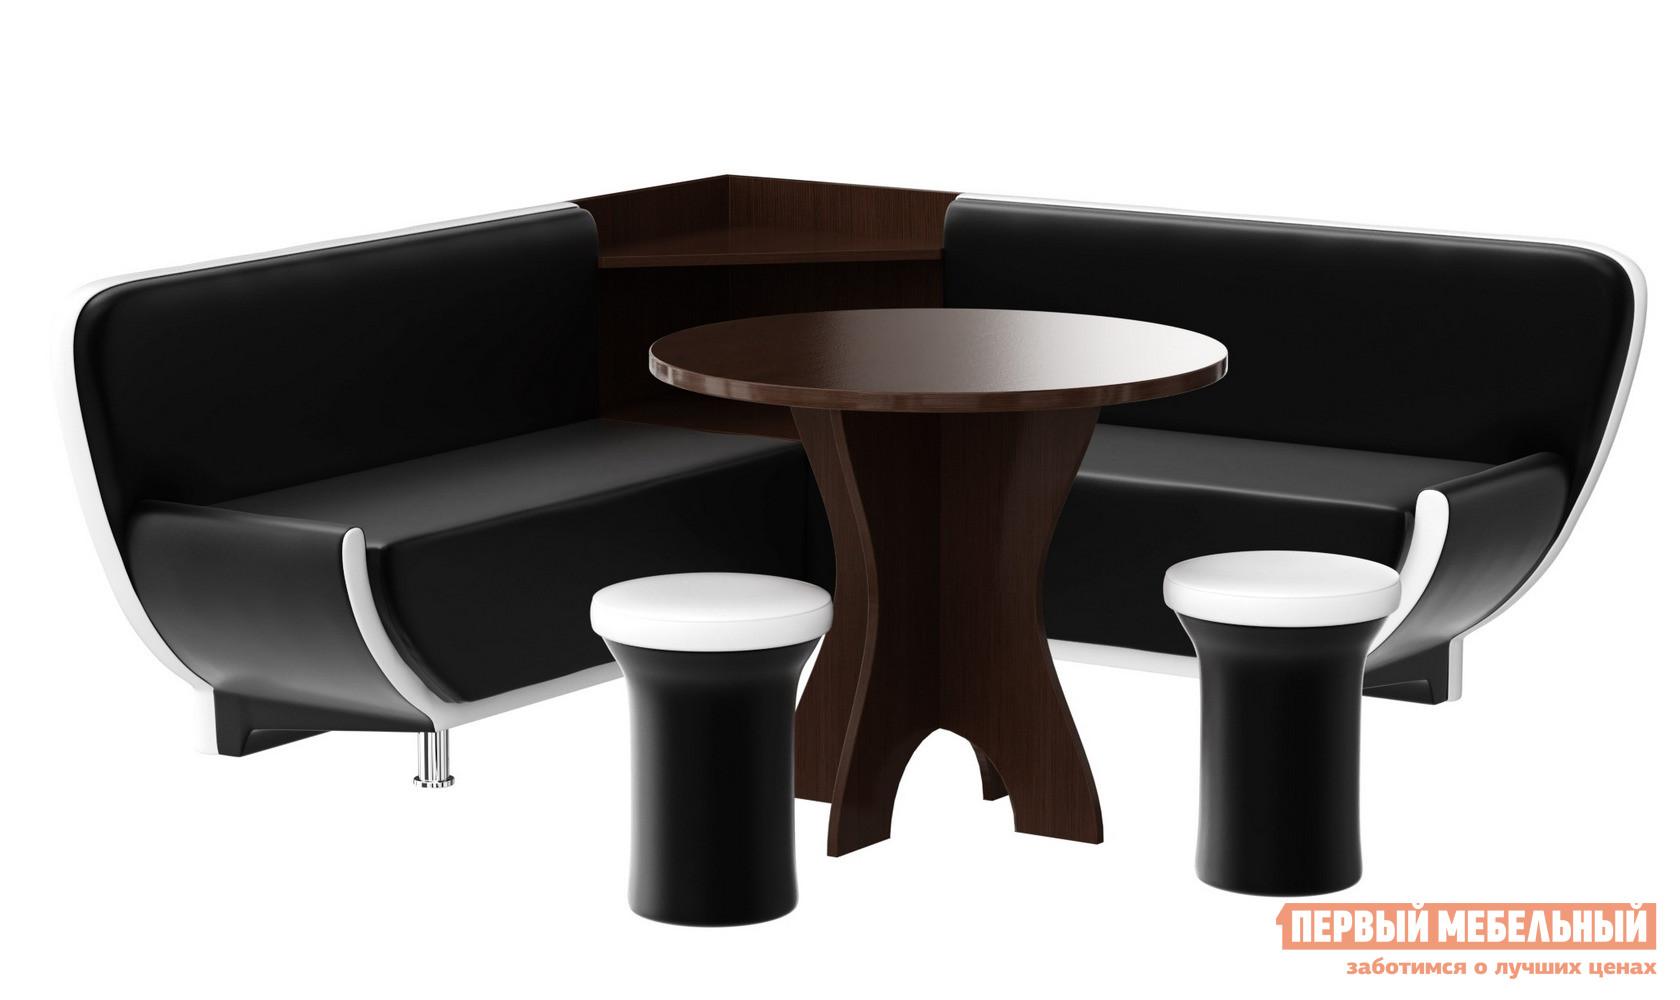 Кухонный уголок со столом и пуфами Мебелико Кухонный уголок Лотос